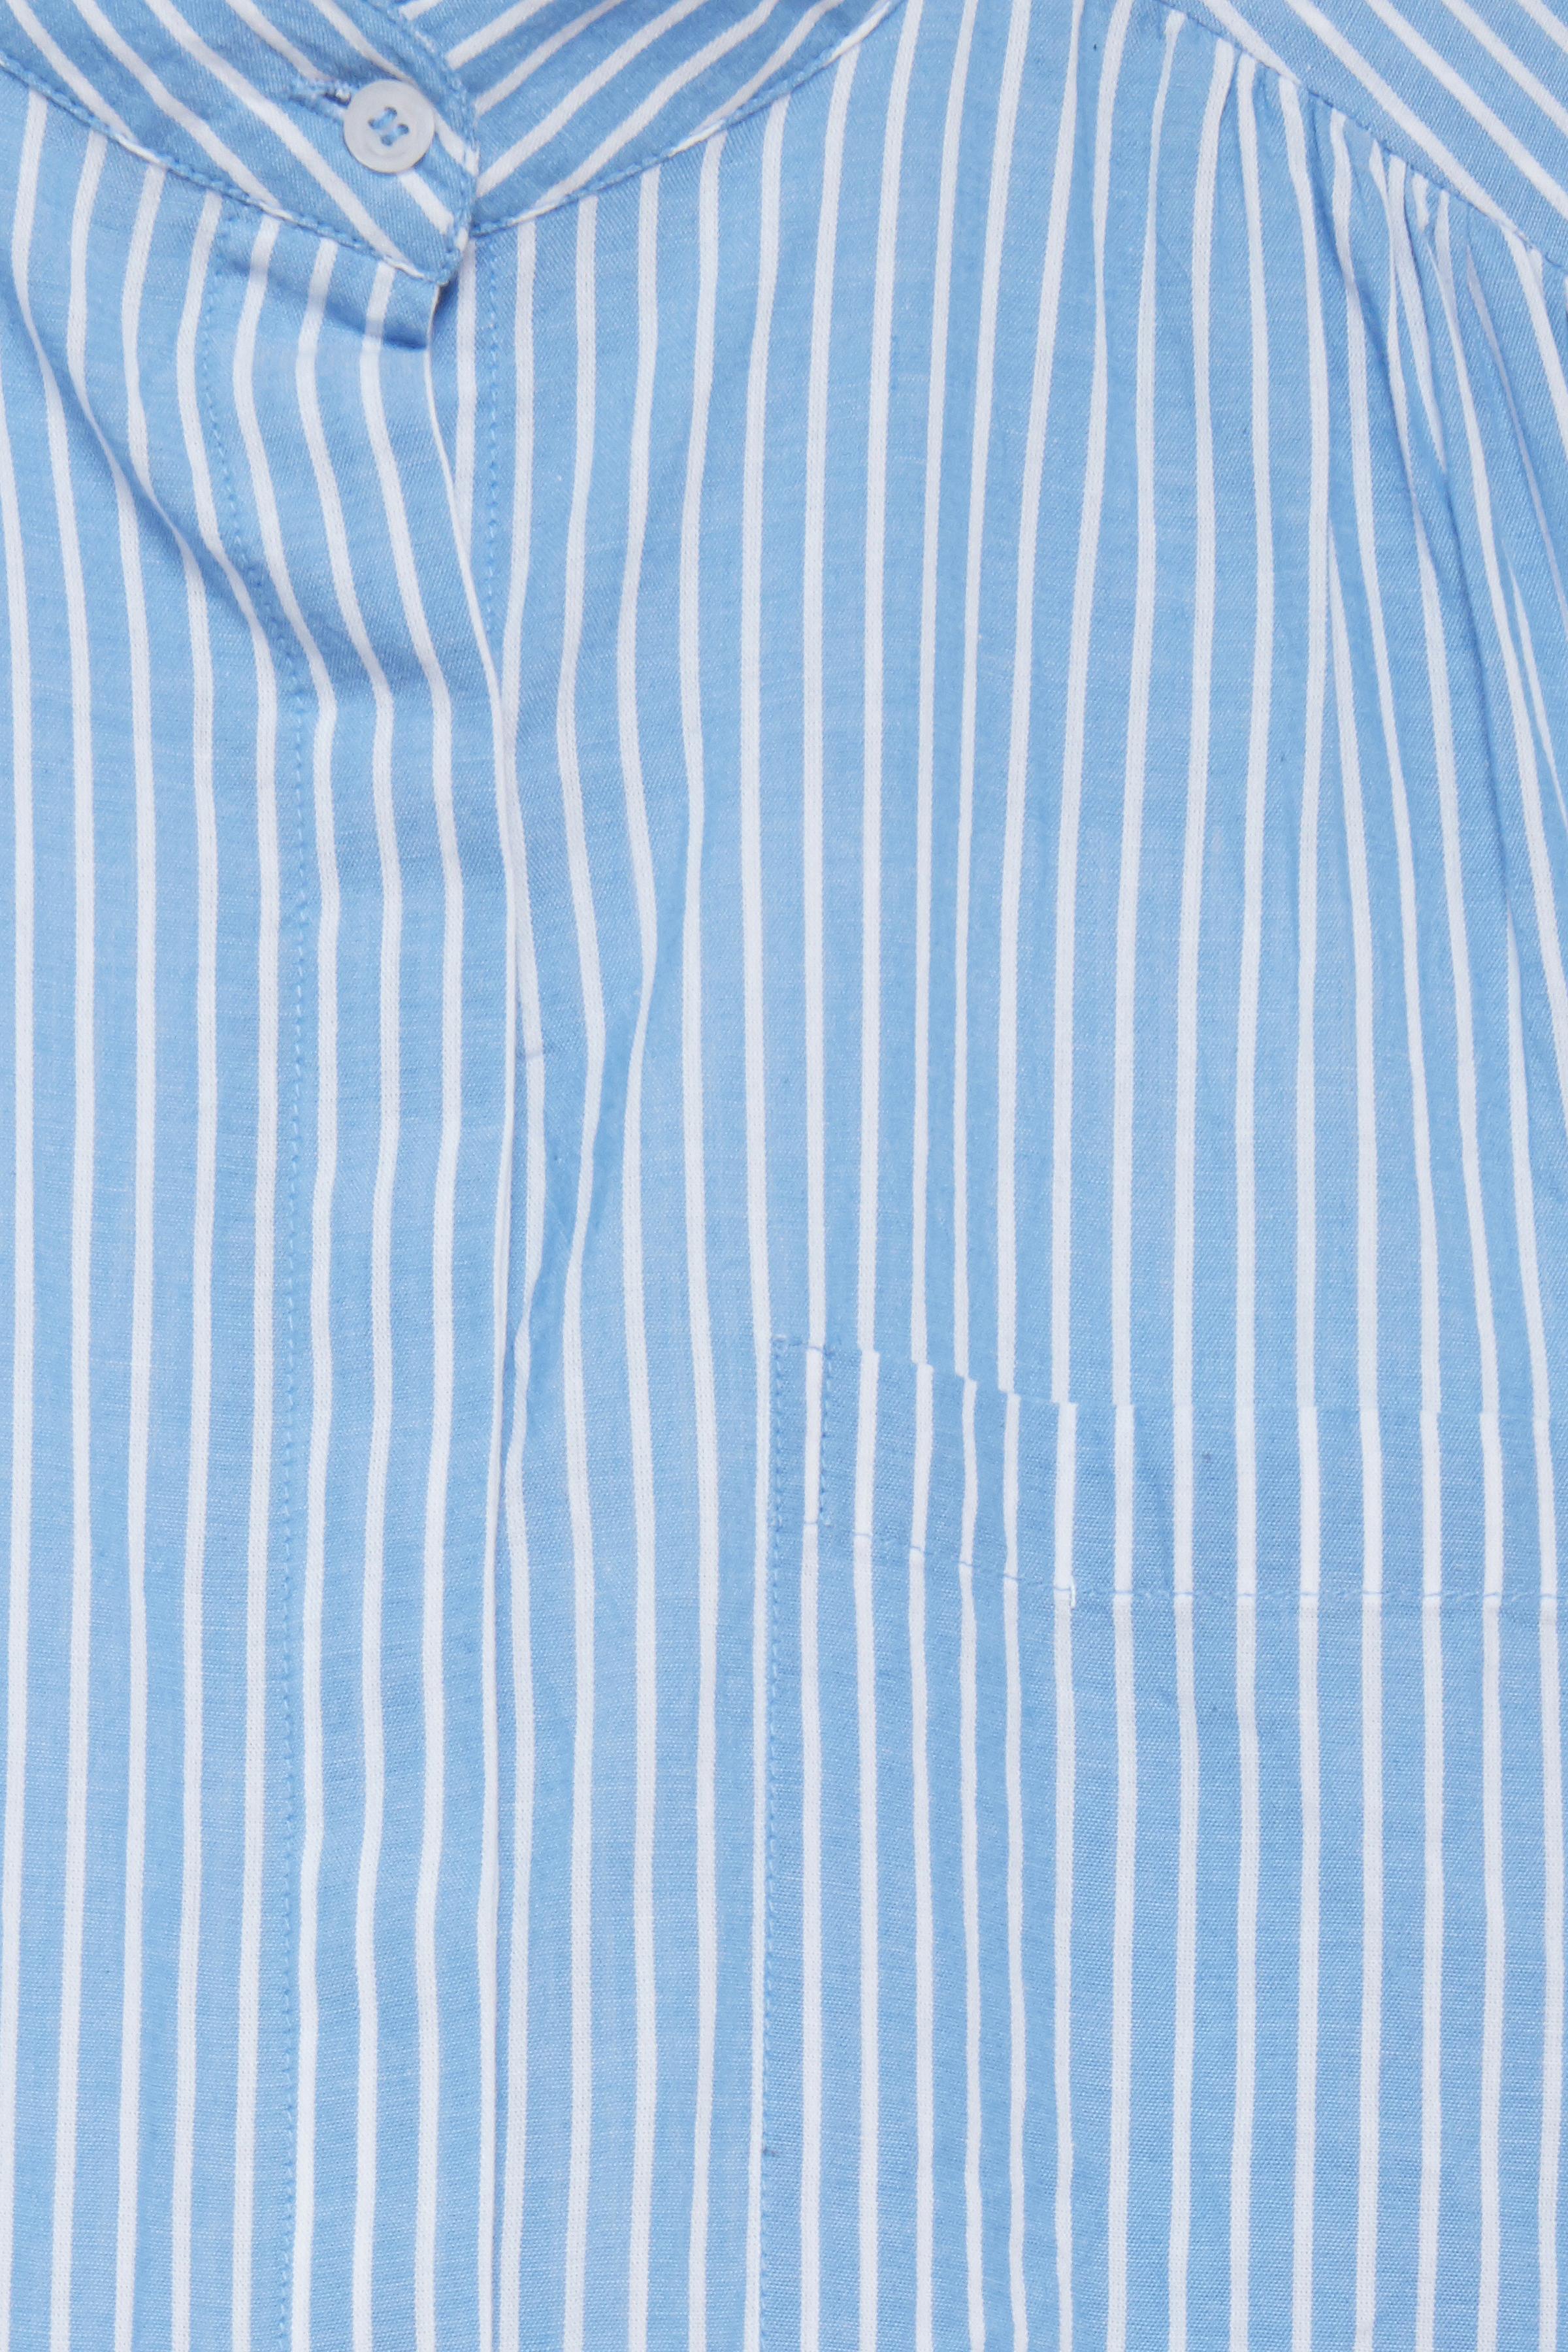 Azure Blue Langærmet skjorte – Køb Azure Blue Langærmet skjorte fra str. 34-42 her